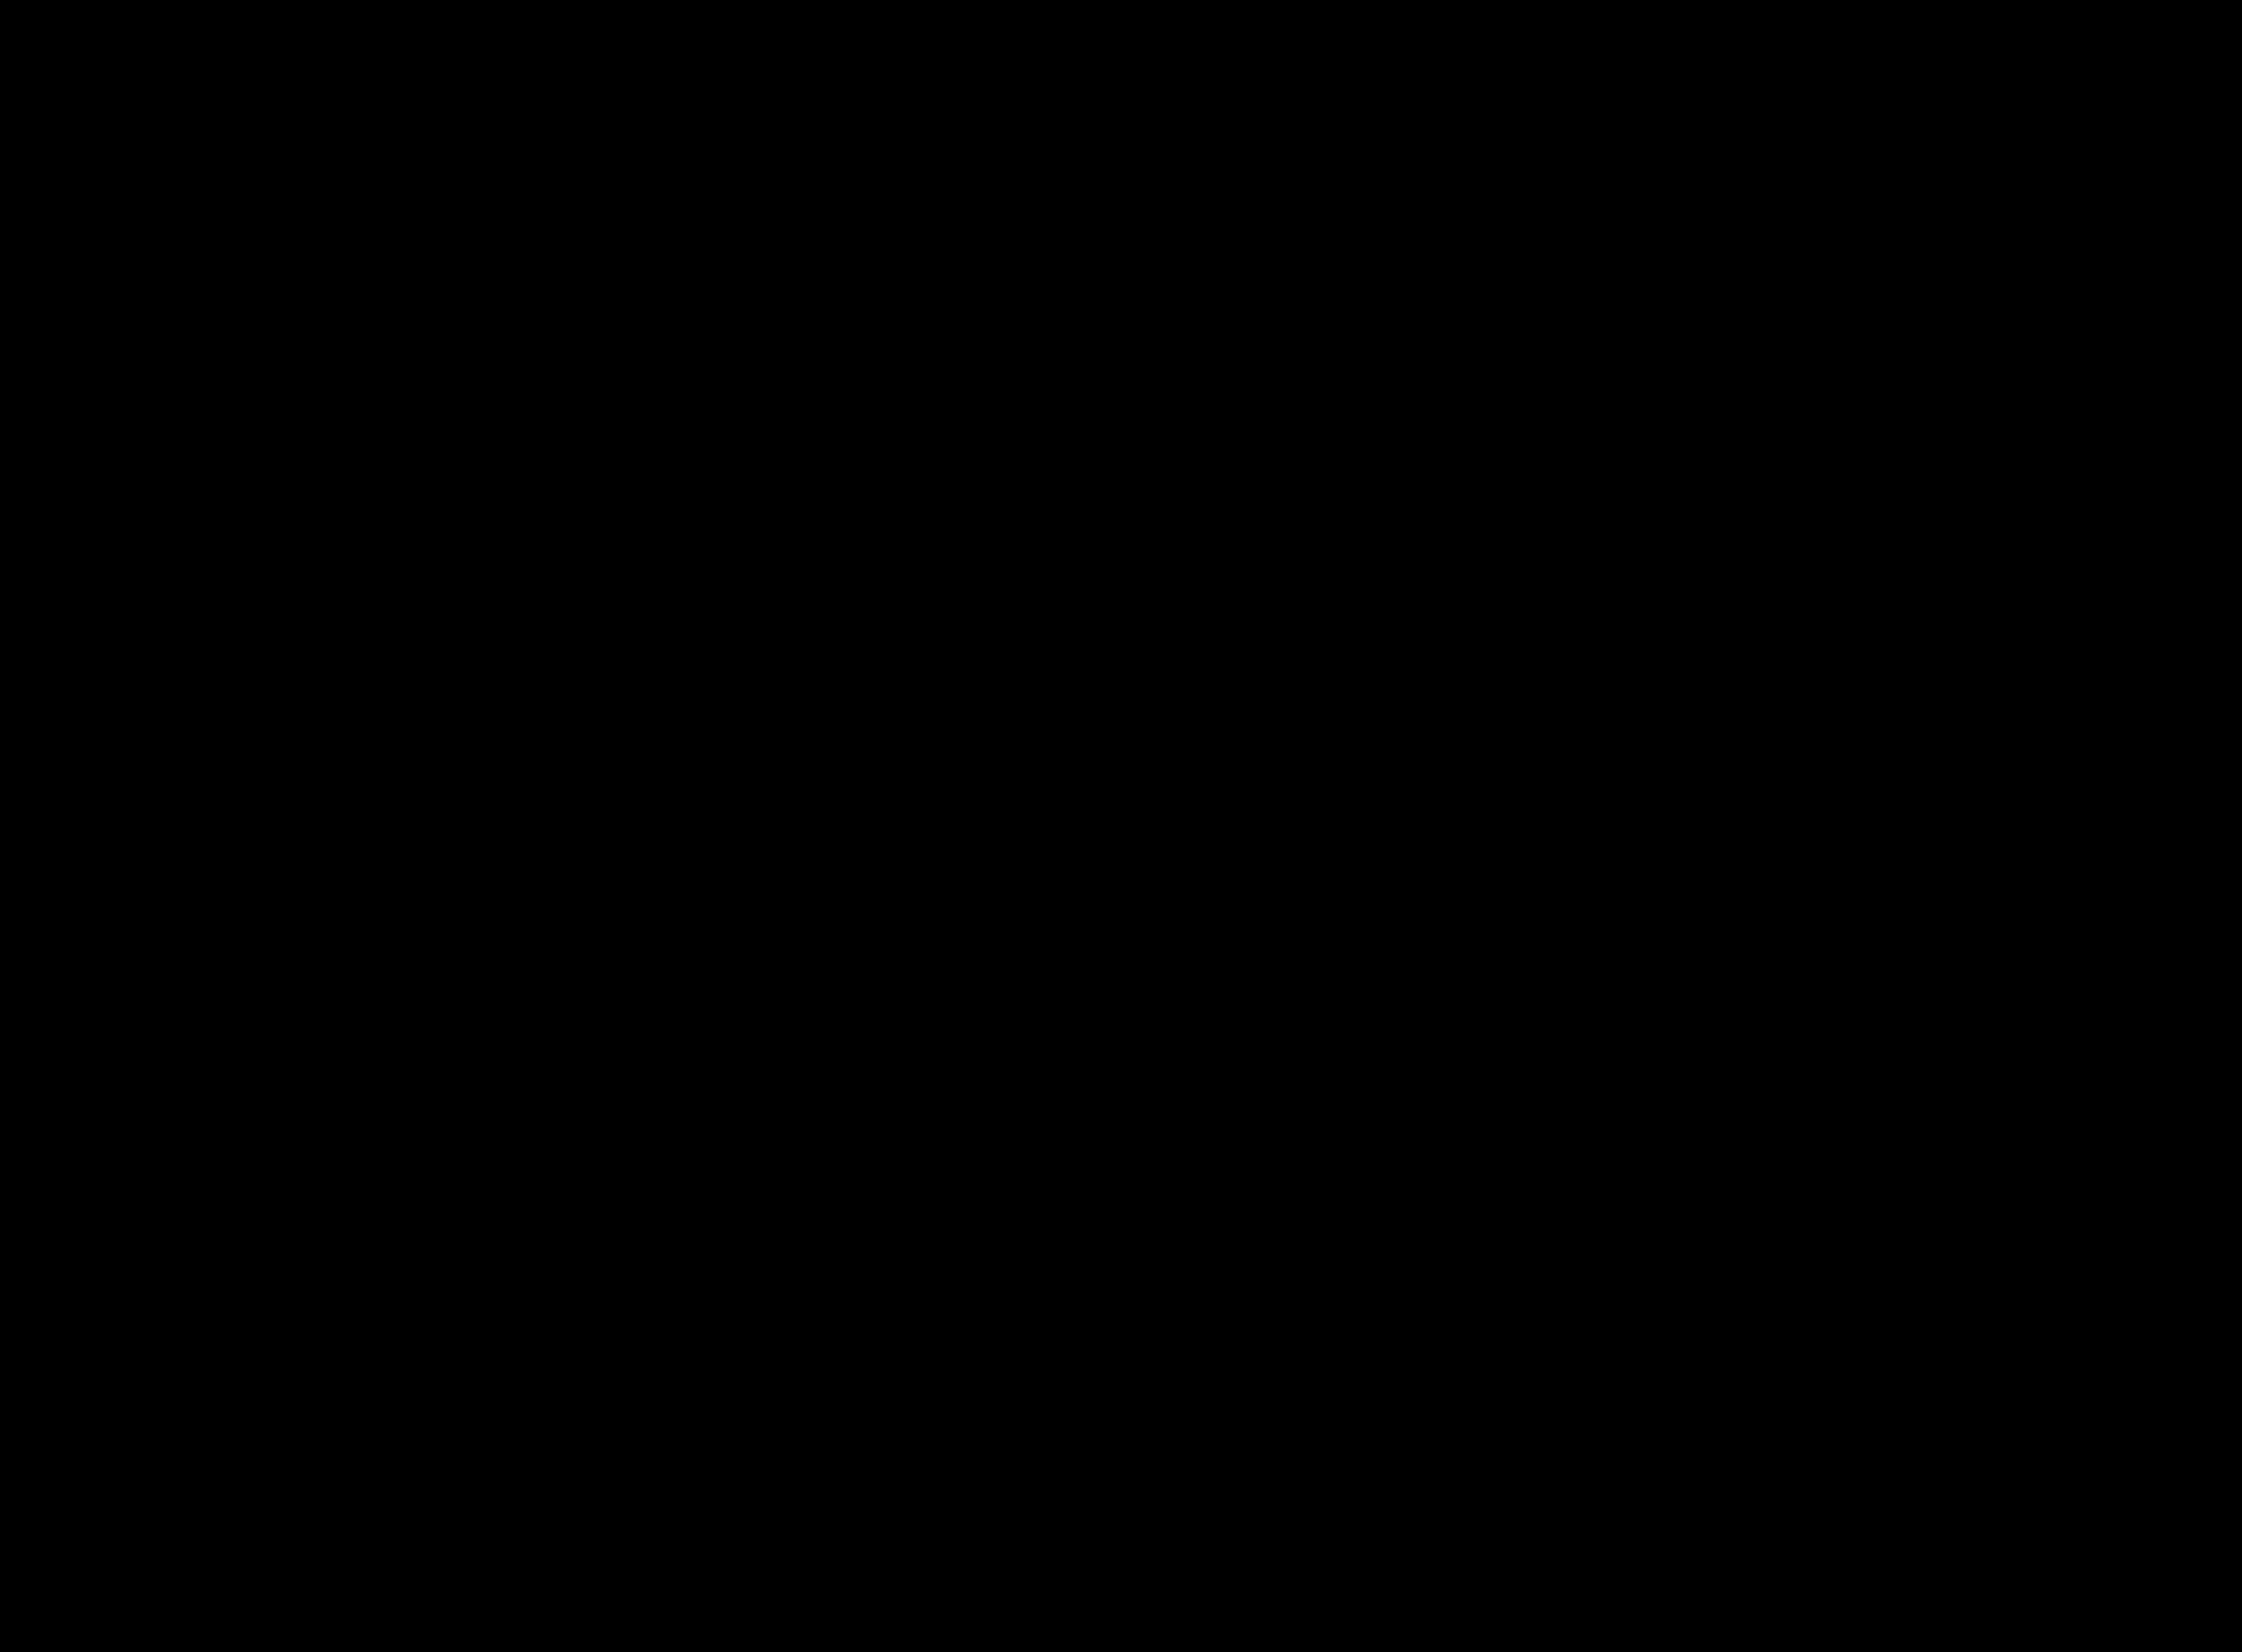 2310x1702 Sheep Silhouette Clipart